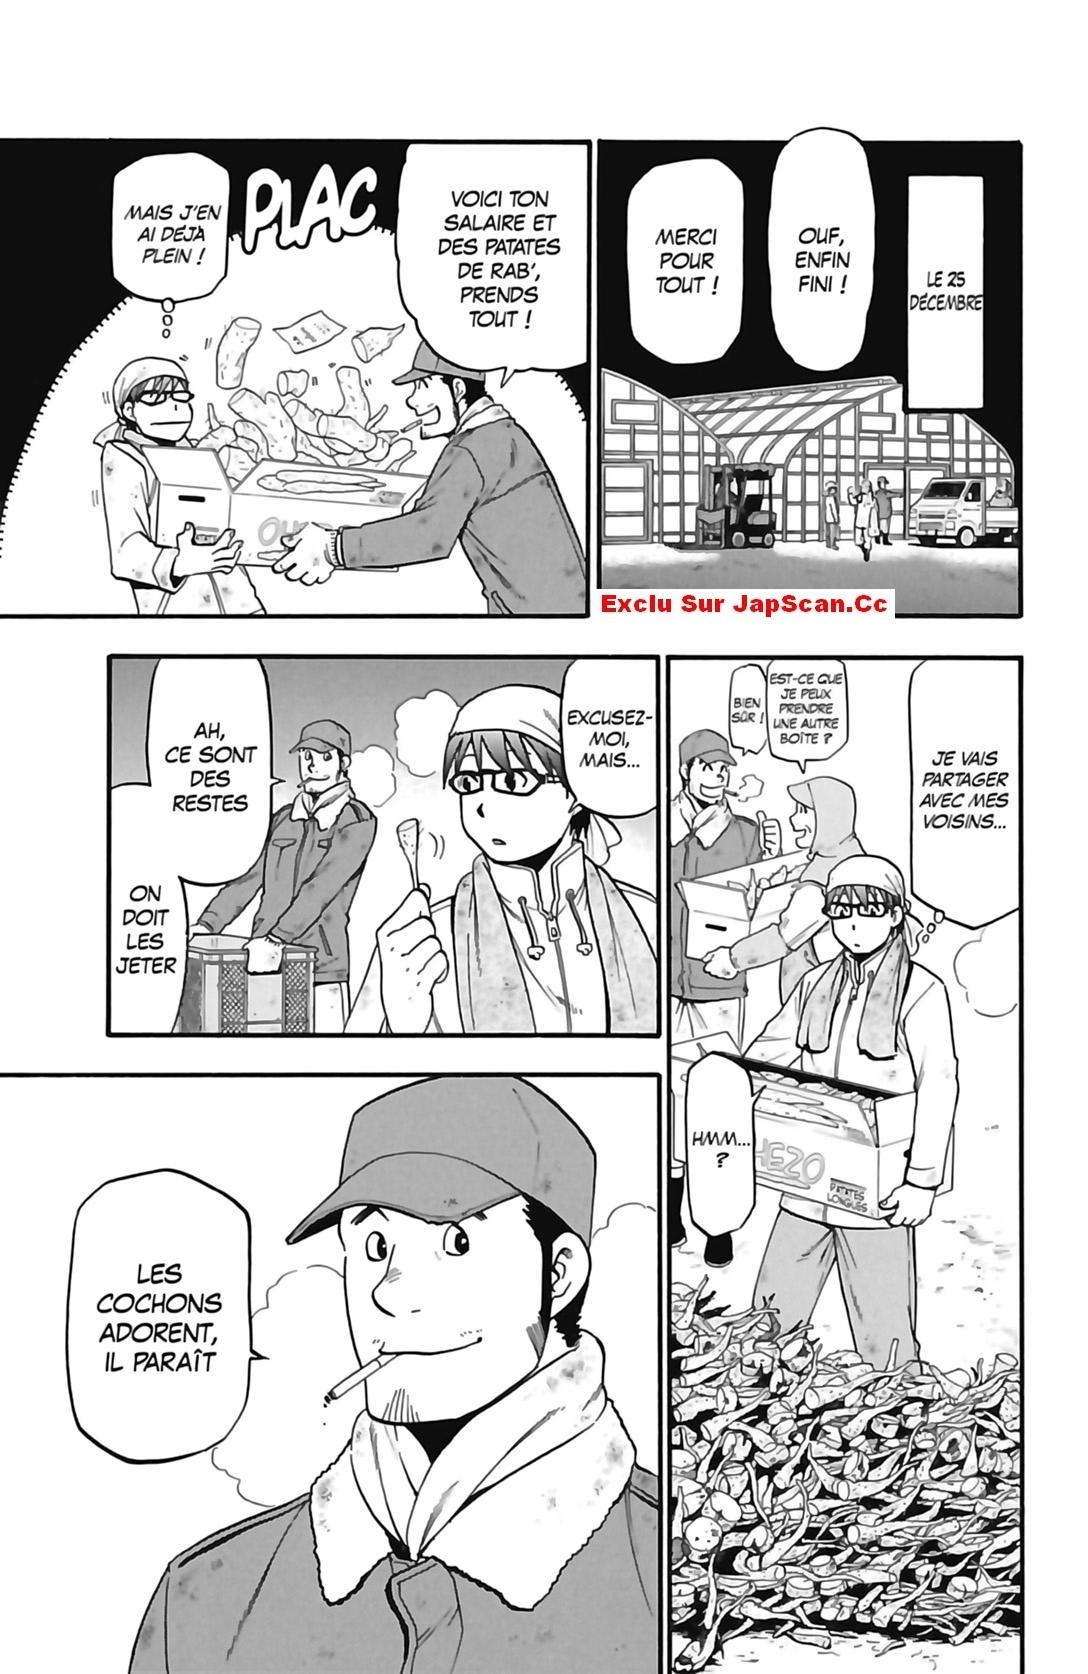 https://nine.mangadogs.com/fr_manga/pic1/30/222/13888/SilverSpoon122VF_0_764.jpg Page 1